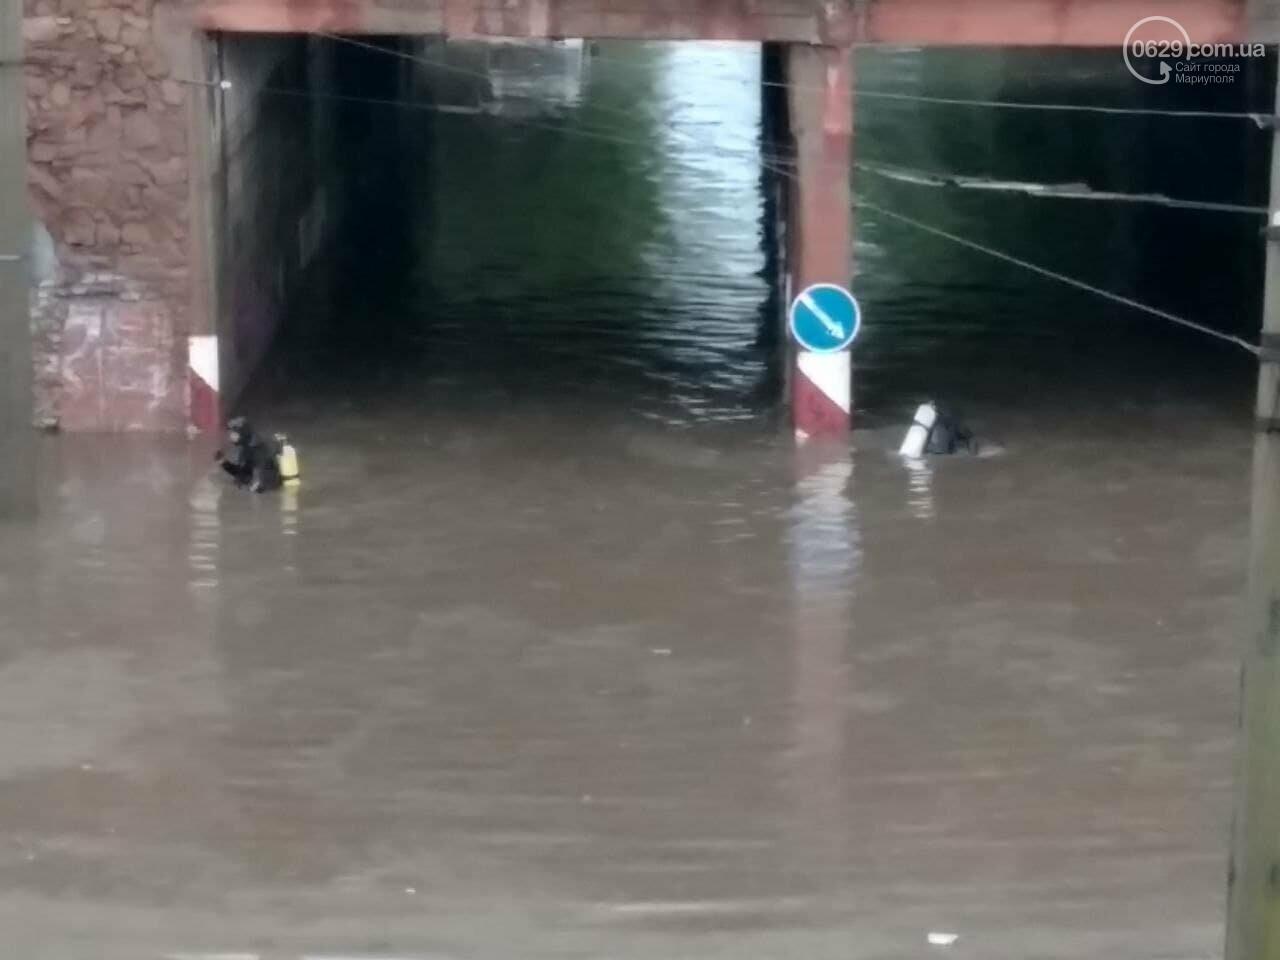 Потоп на улице Громовой. Водолазы опускаются на дно искусственного озера, - ФОТО, ВИДЕО, фото-7